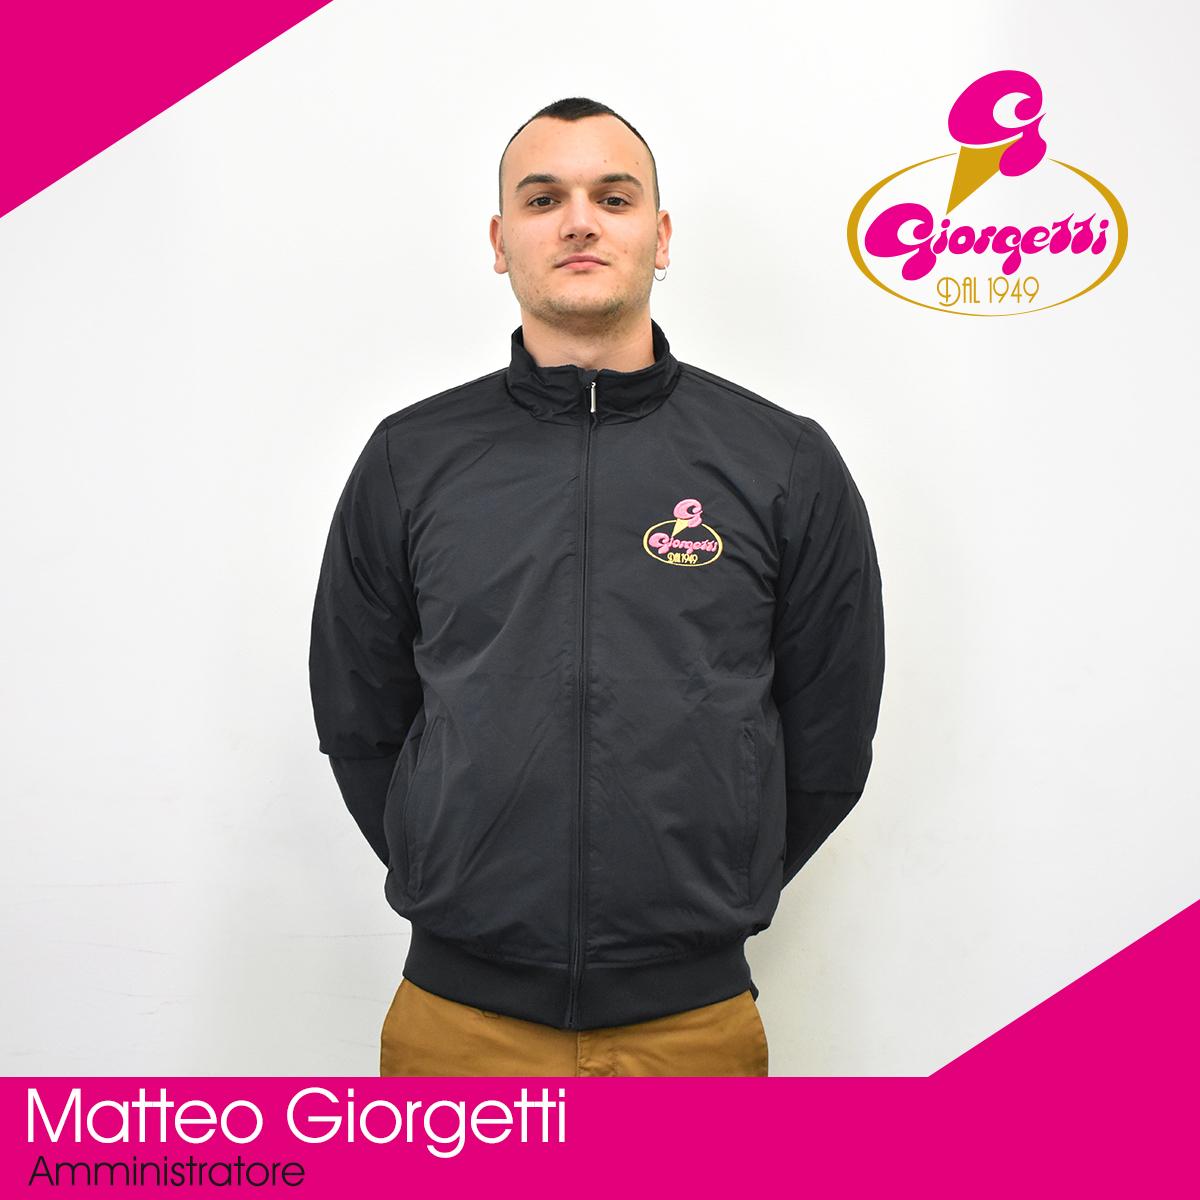 Matteo Giorgetti